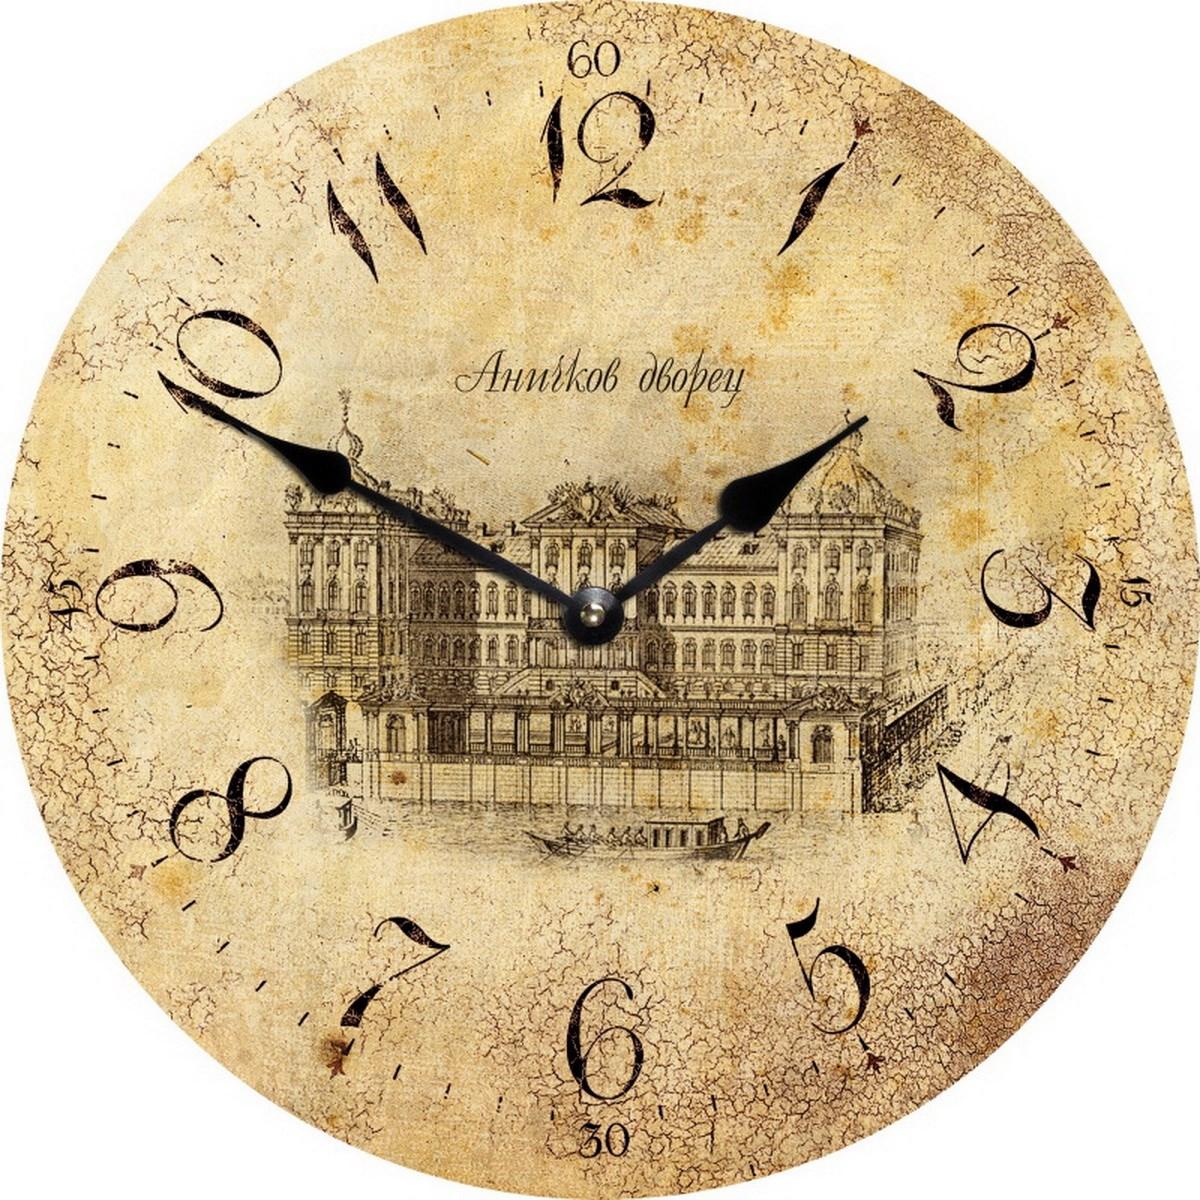 Античные круглые часы Санкт-Петербург. Аничков дворец